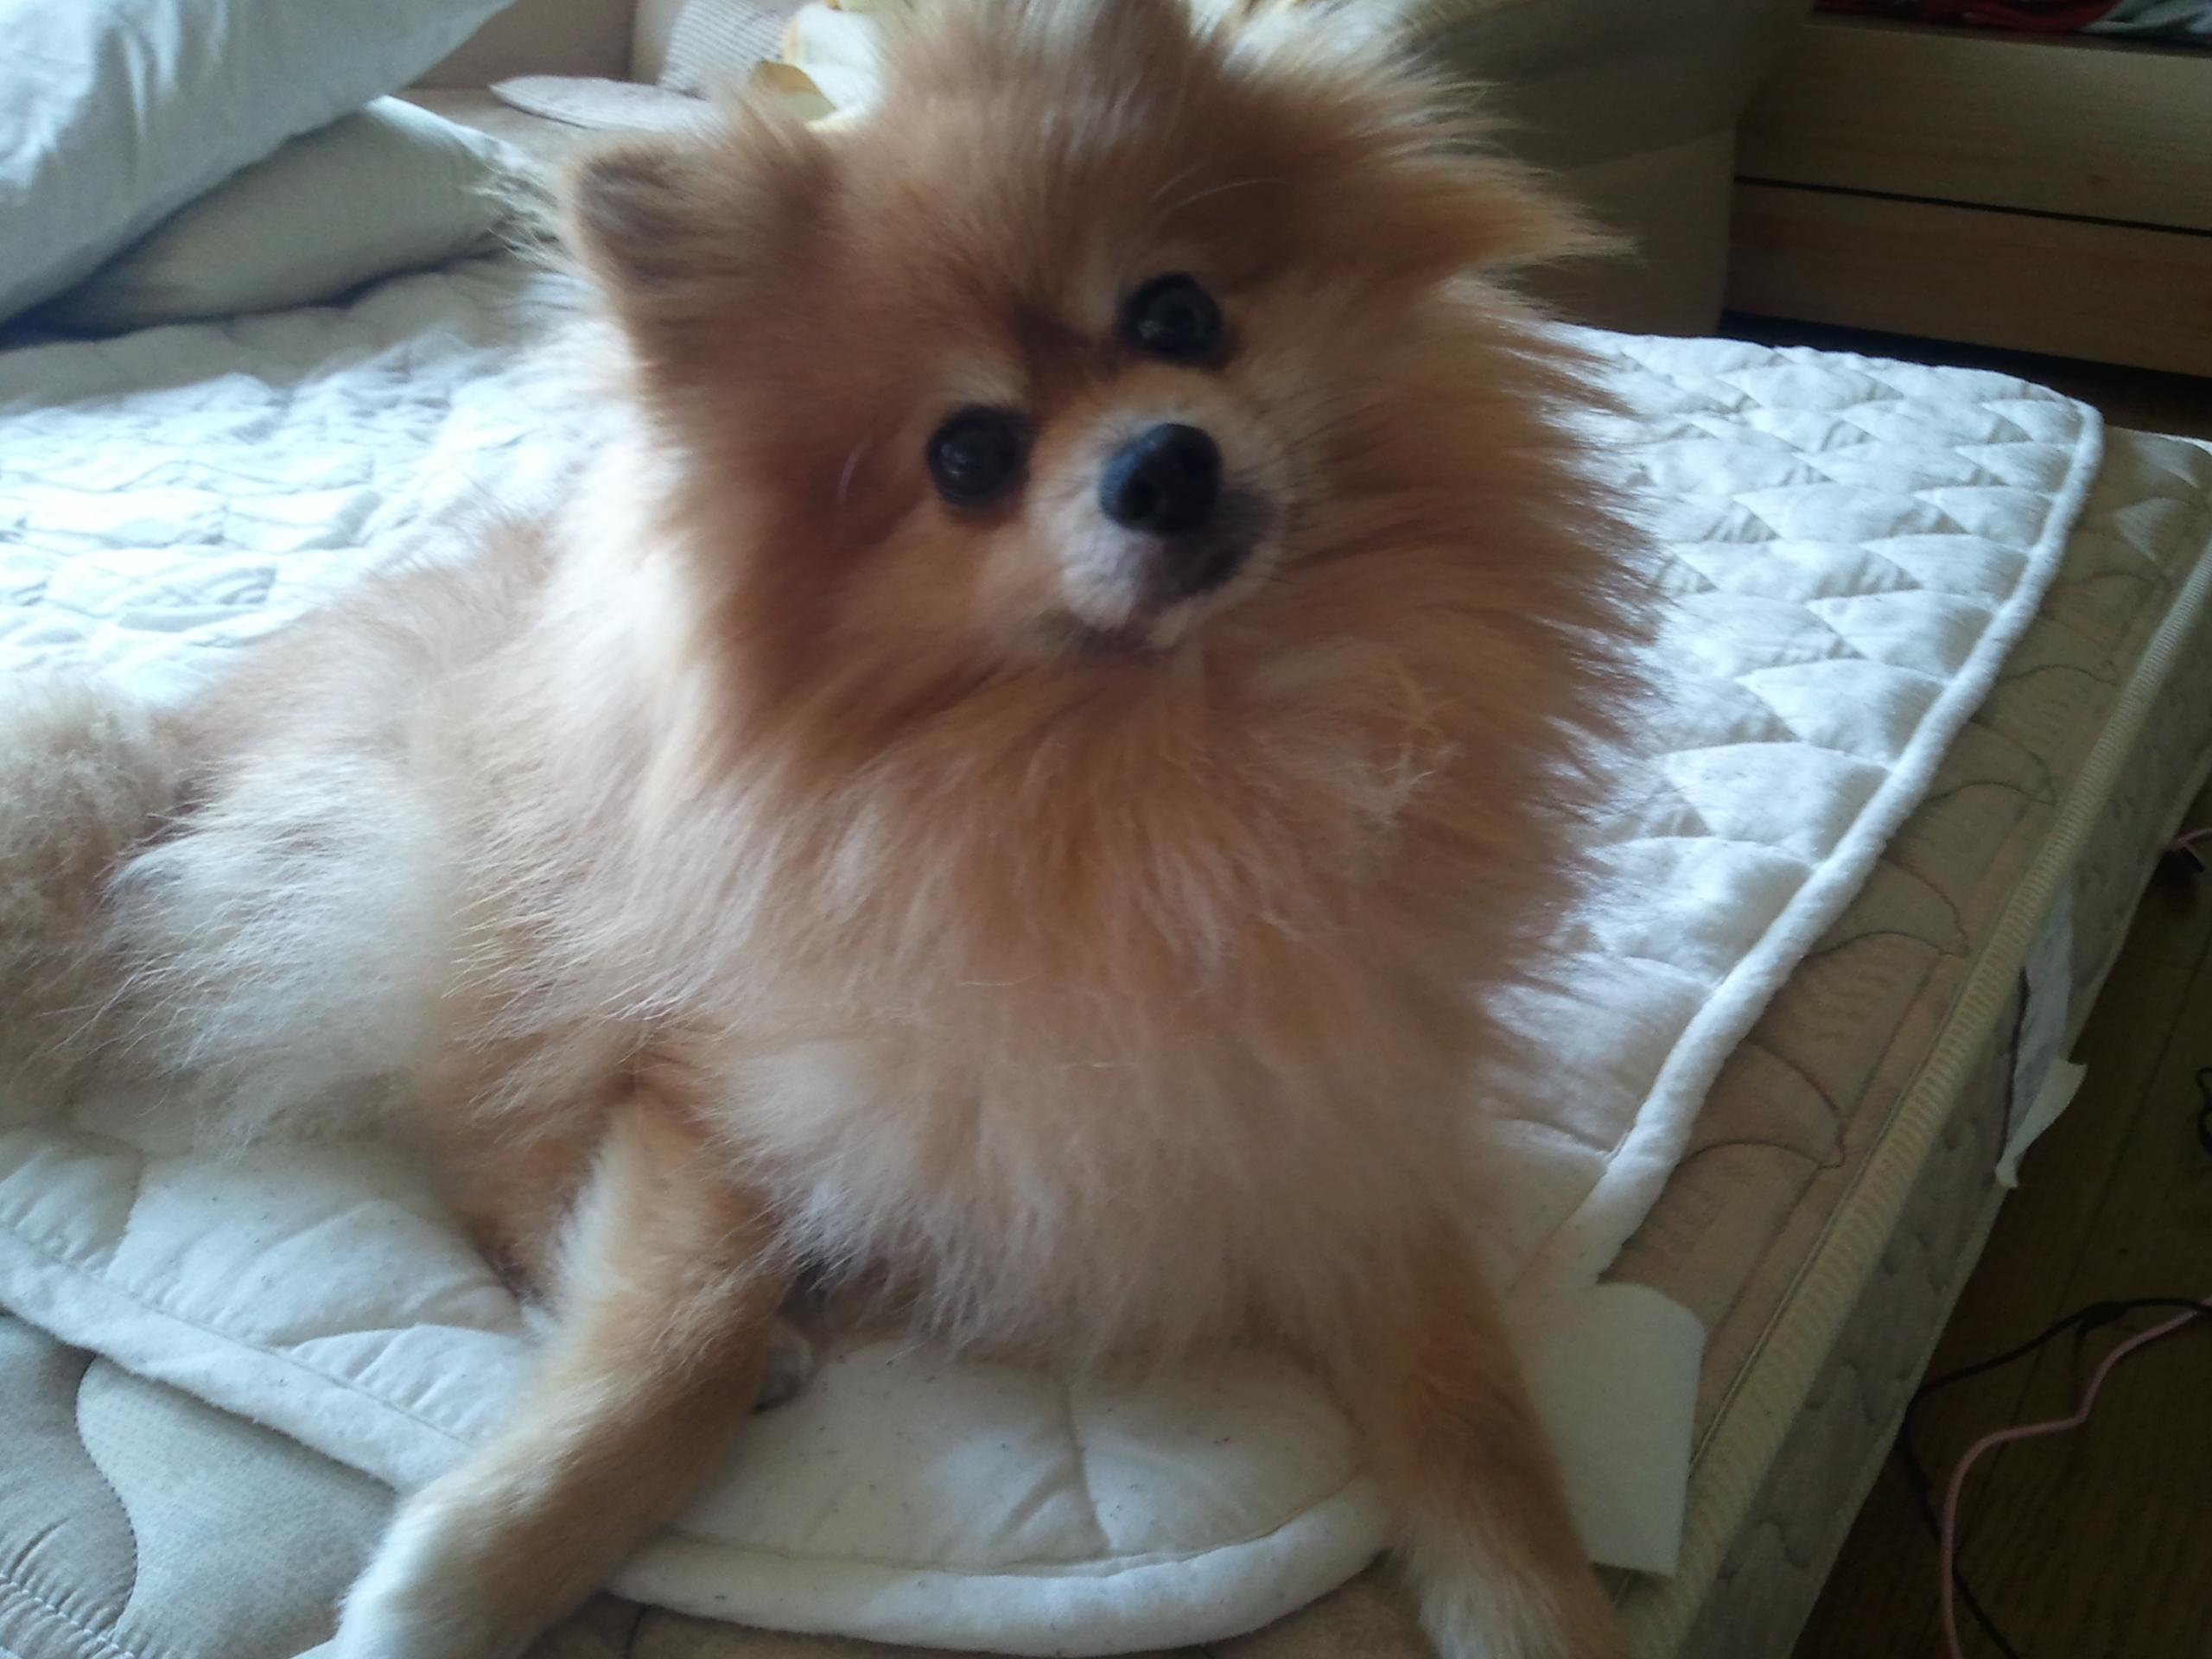 世界一可愛いポメラニアン大好きワンラブ写真画像犬ぬいぐるみみたい